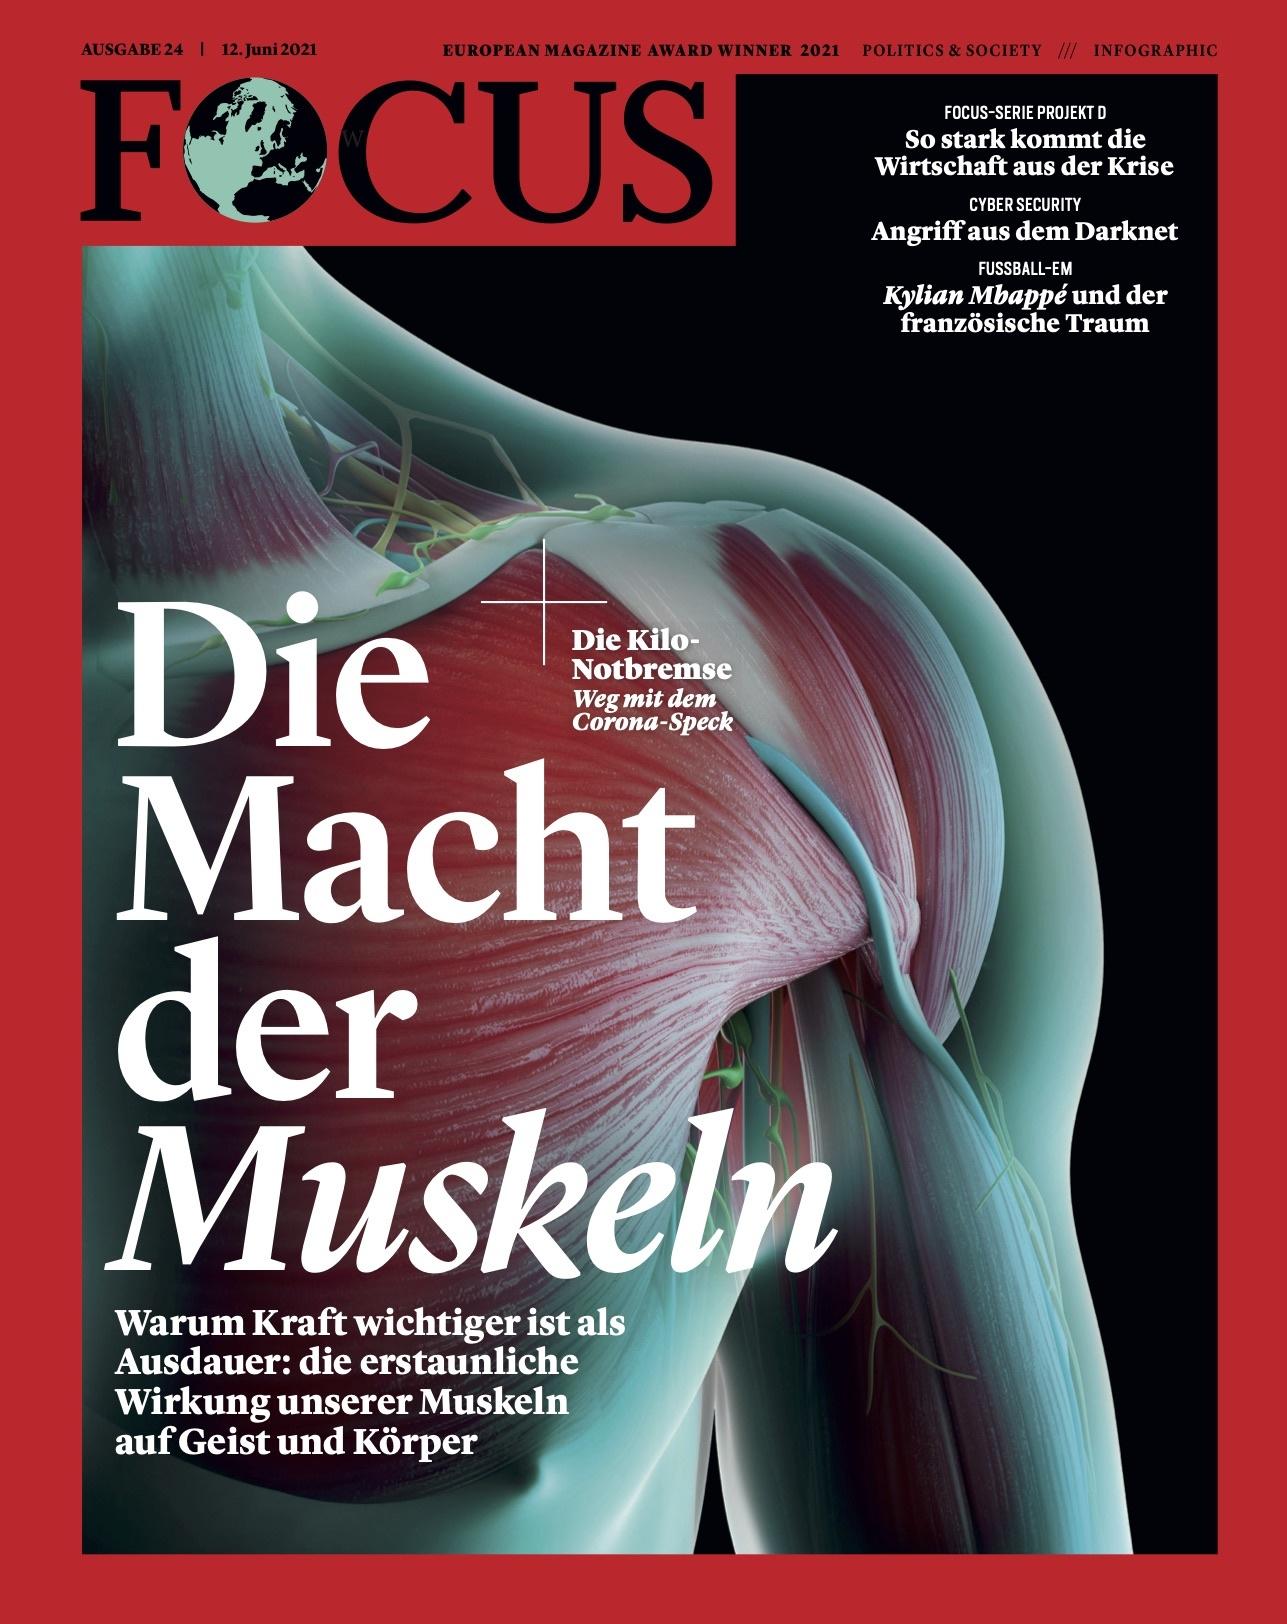 FOCUS Magazin FOCUS Magazin - Die Macht der Muskeln